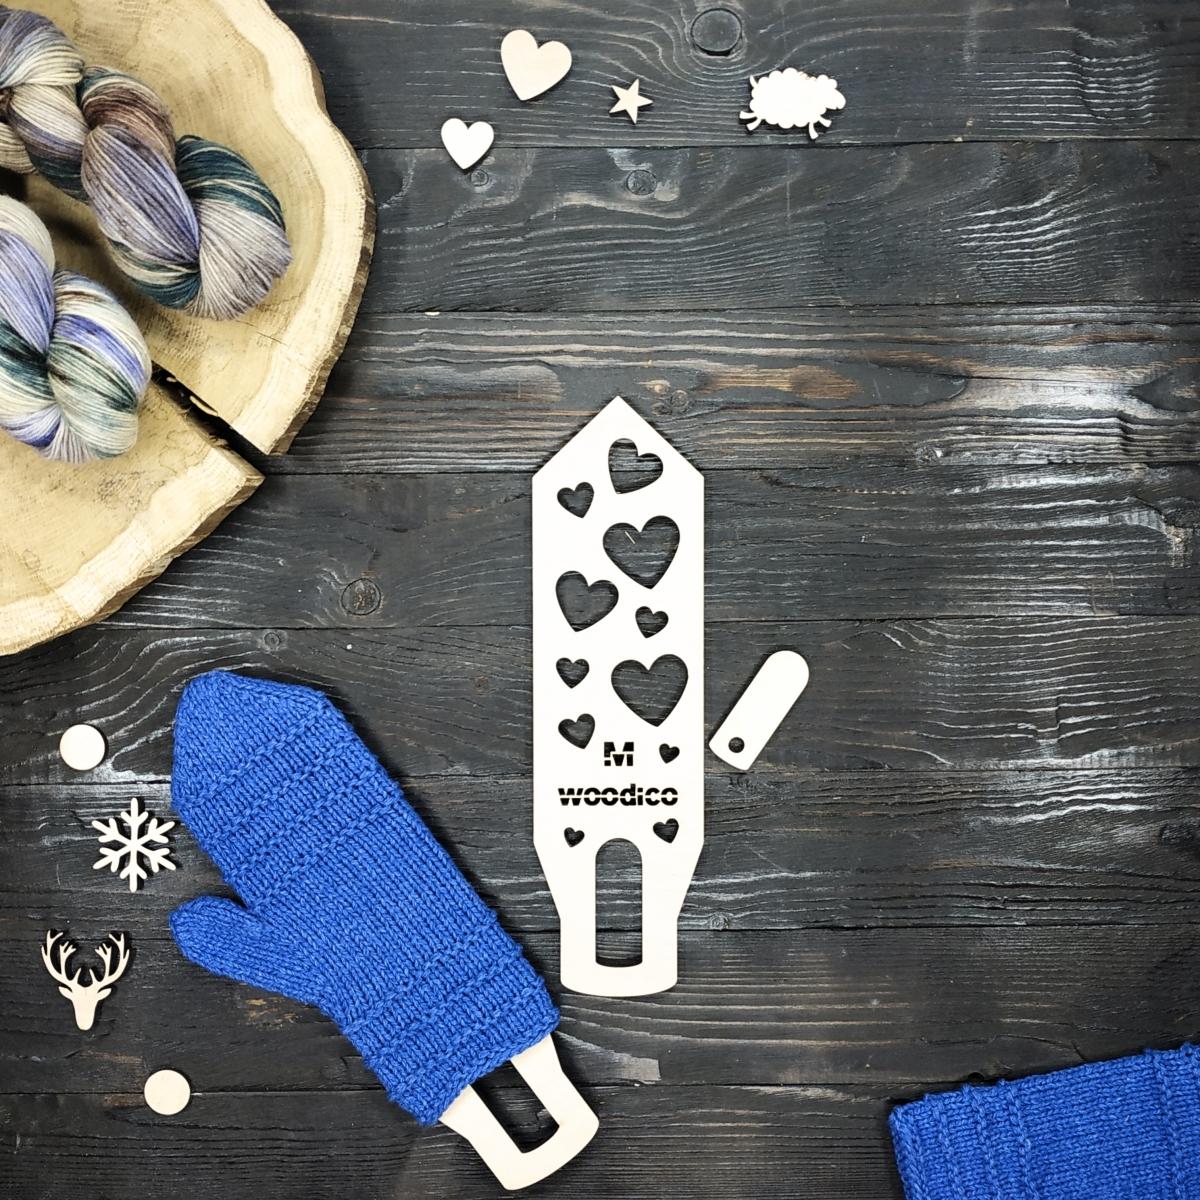 woodico.pro wooden mitten blockers nordic hearts 1200x1200 - Wooden mitten blockers / Nordic Hearts